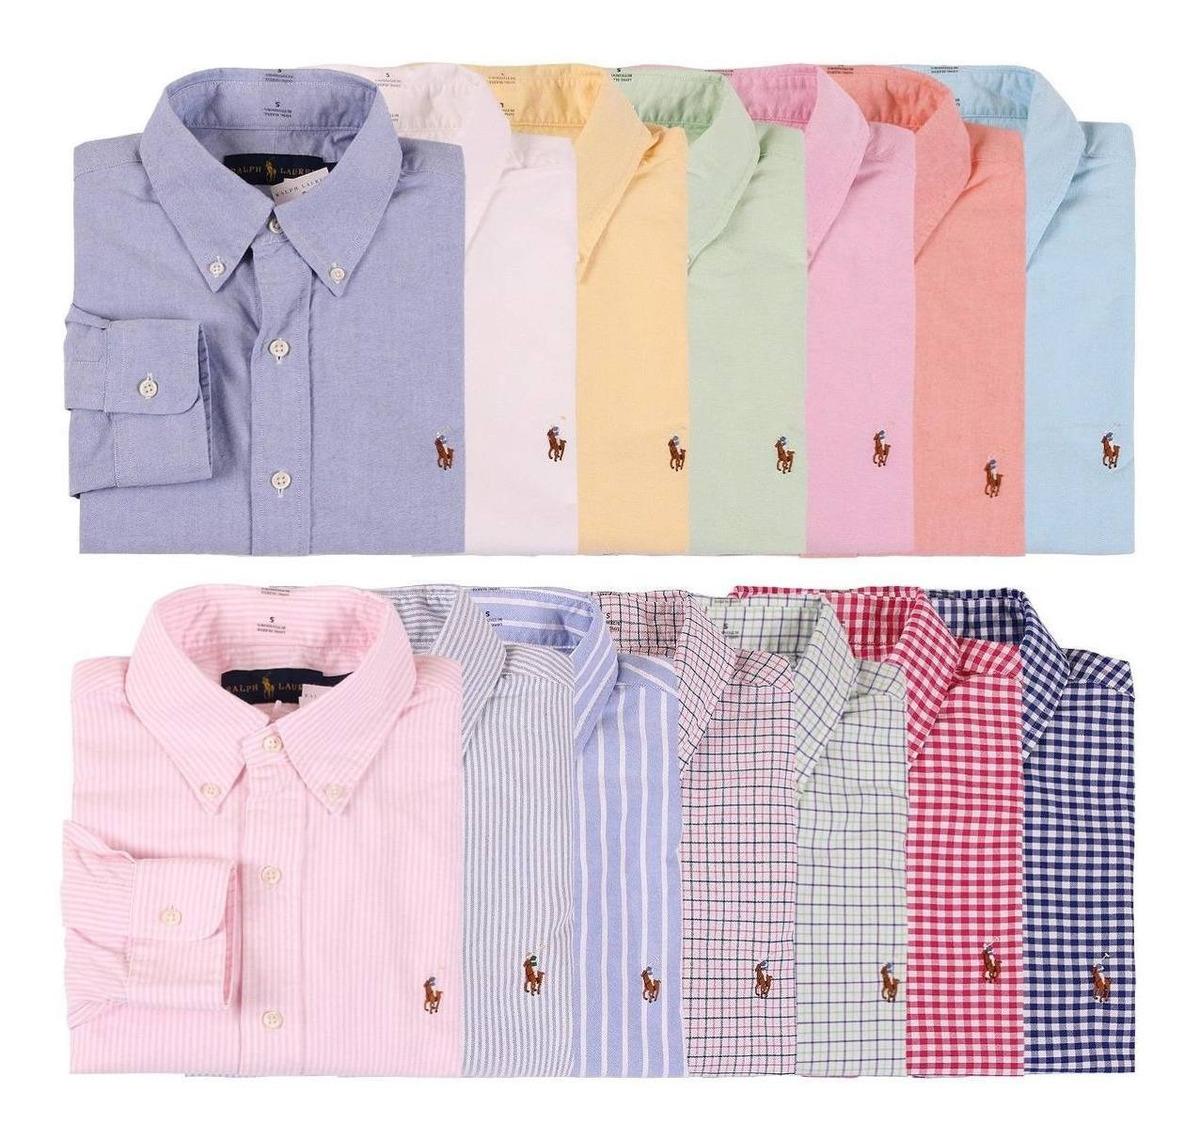 ac4a170255f4 Camisas Polo Ralph Lauren De Hombre Por Encargue!!